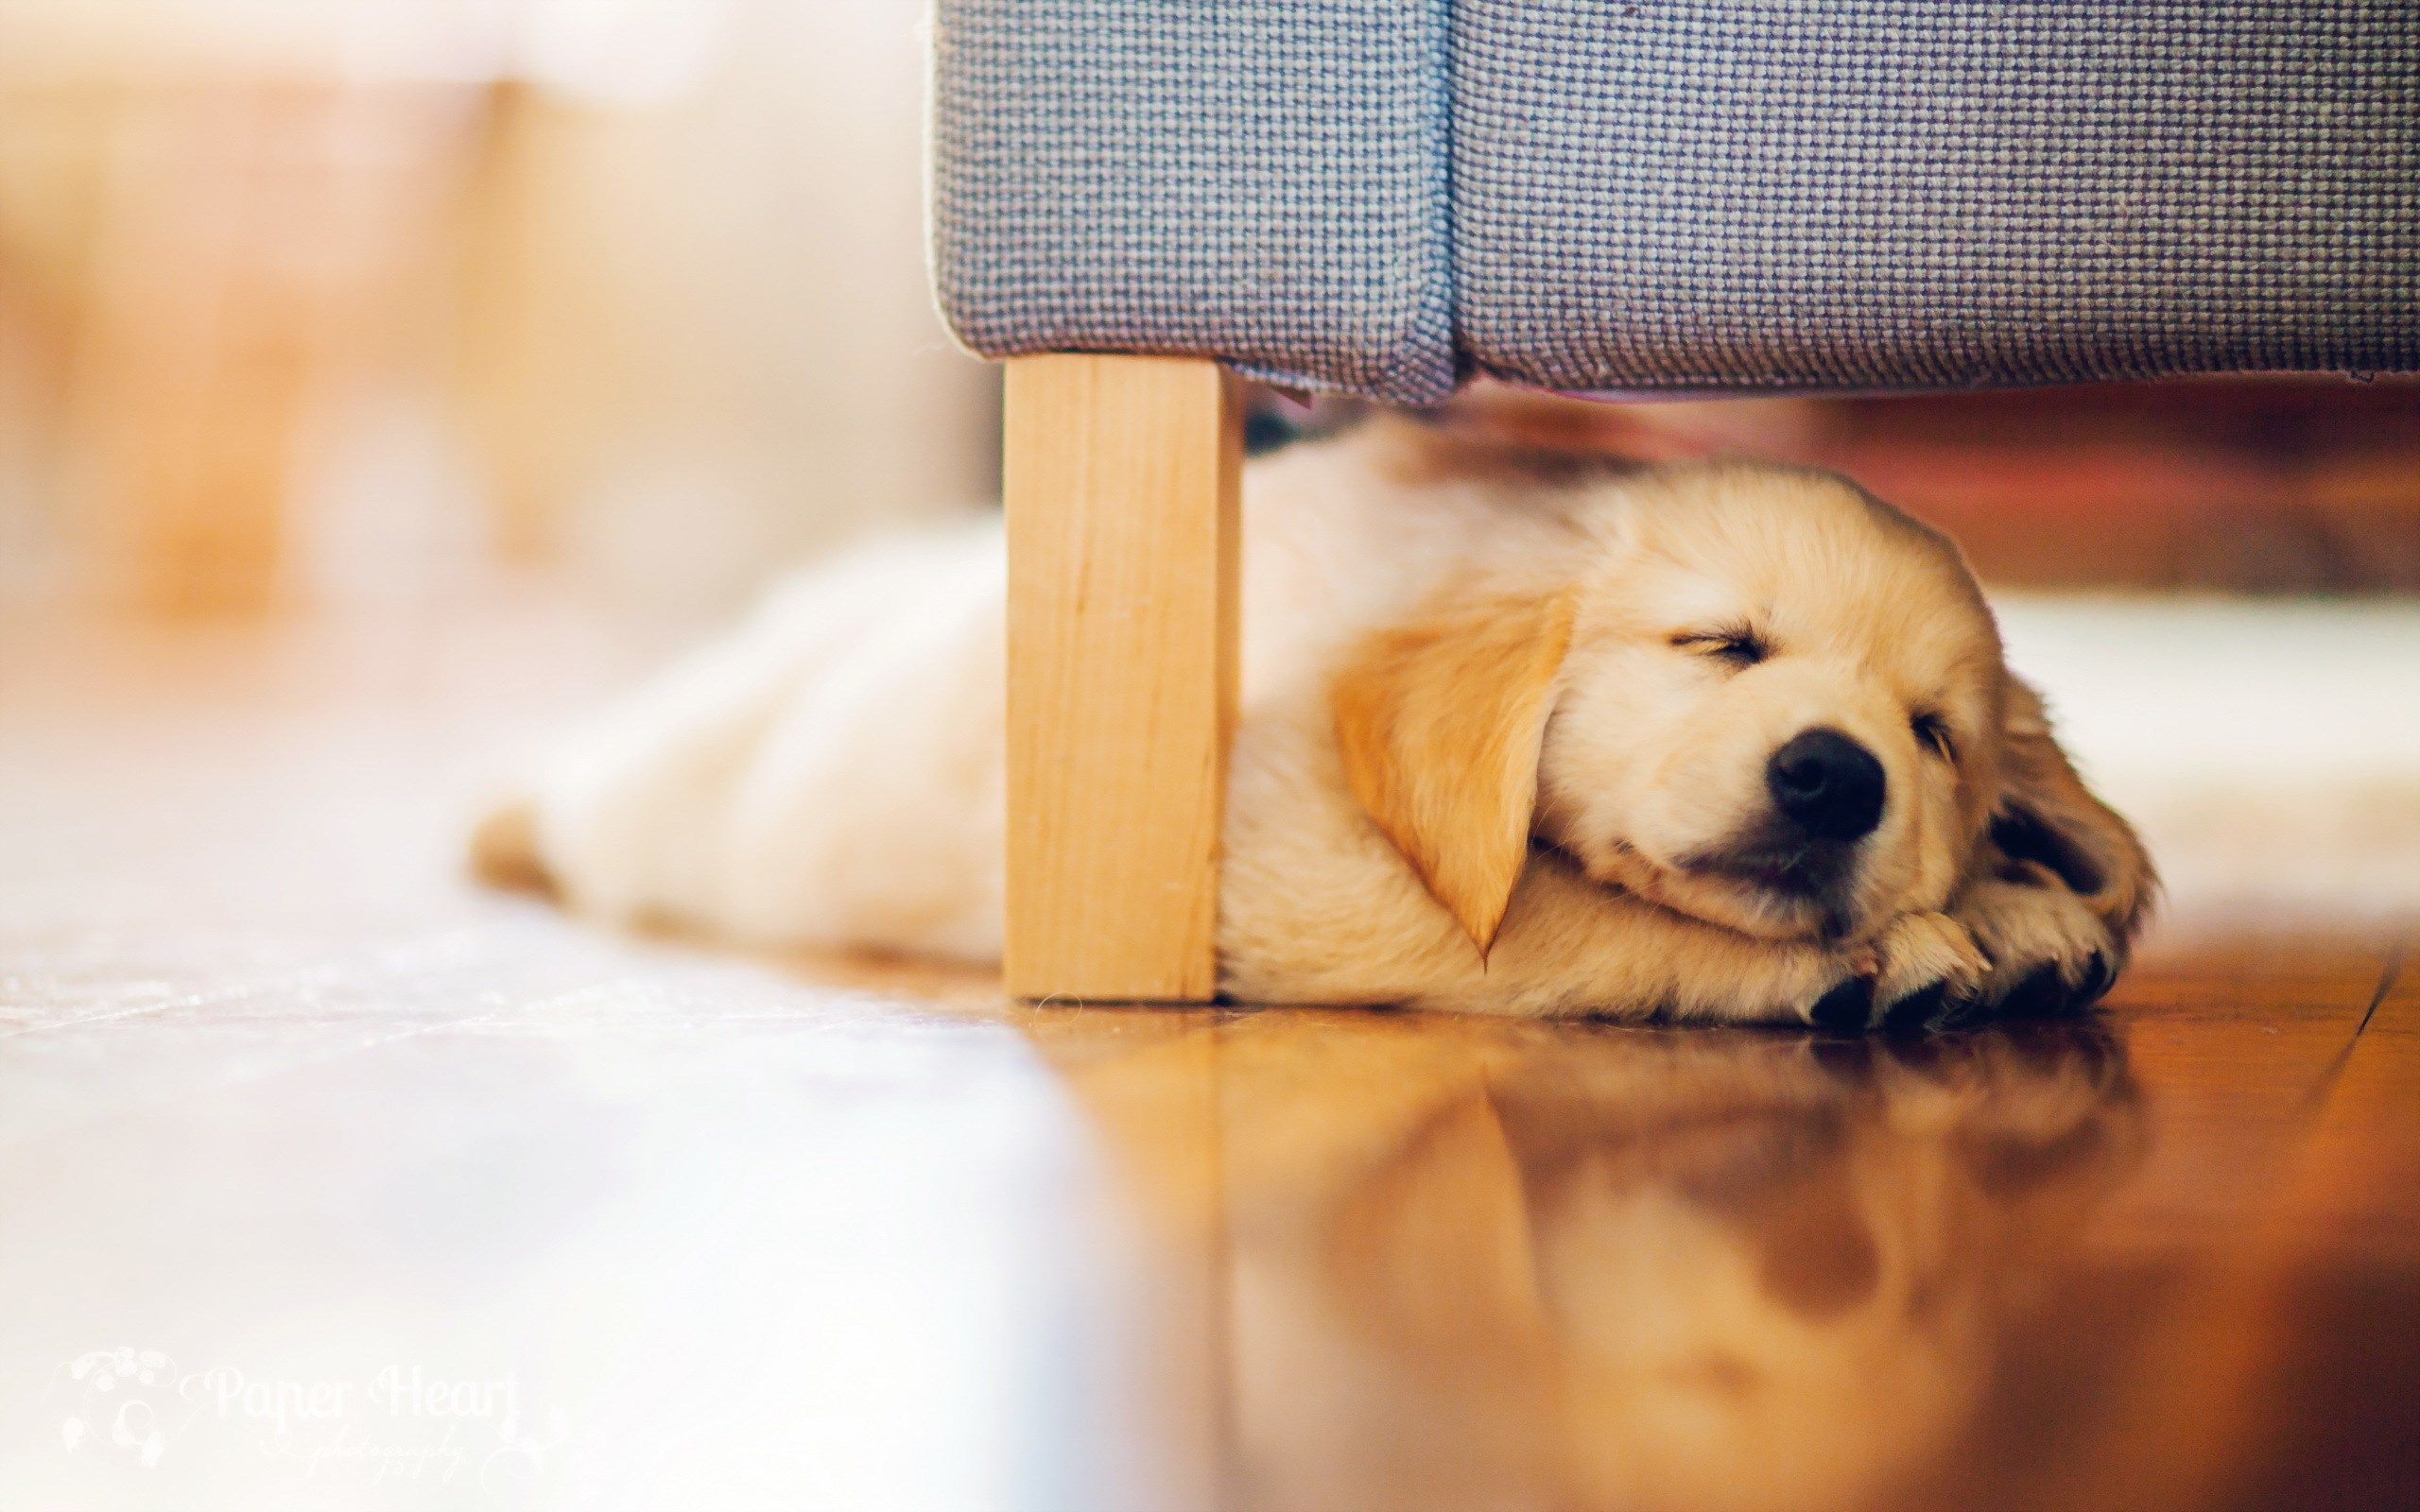 Puppy Desktop Wallpapers Top Free Puppy Desktop